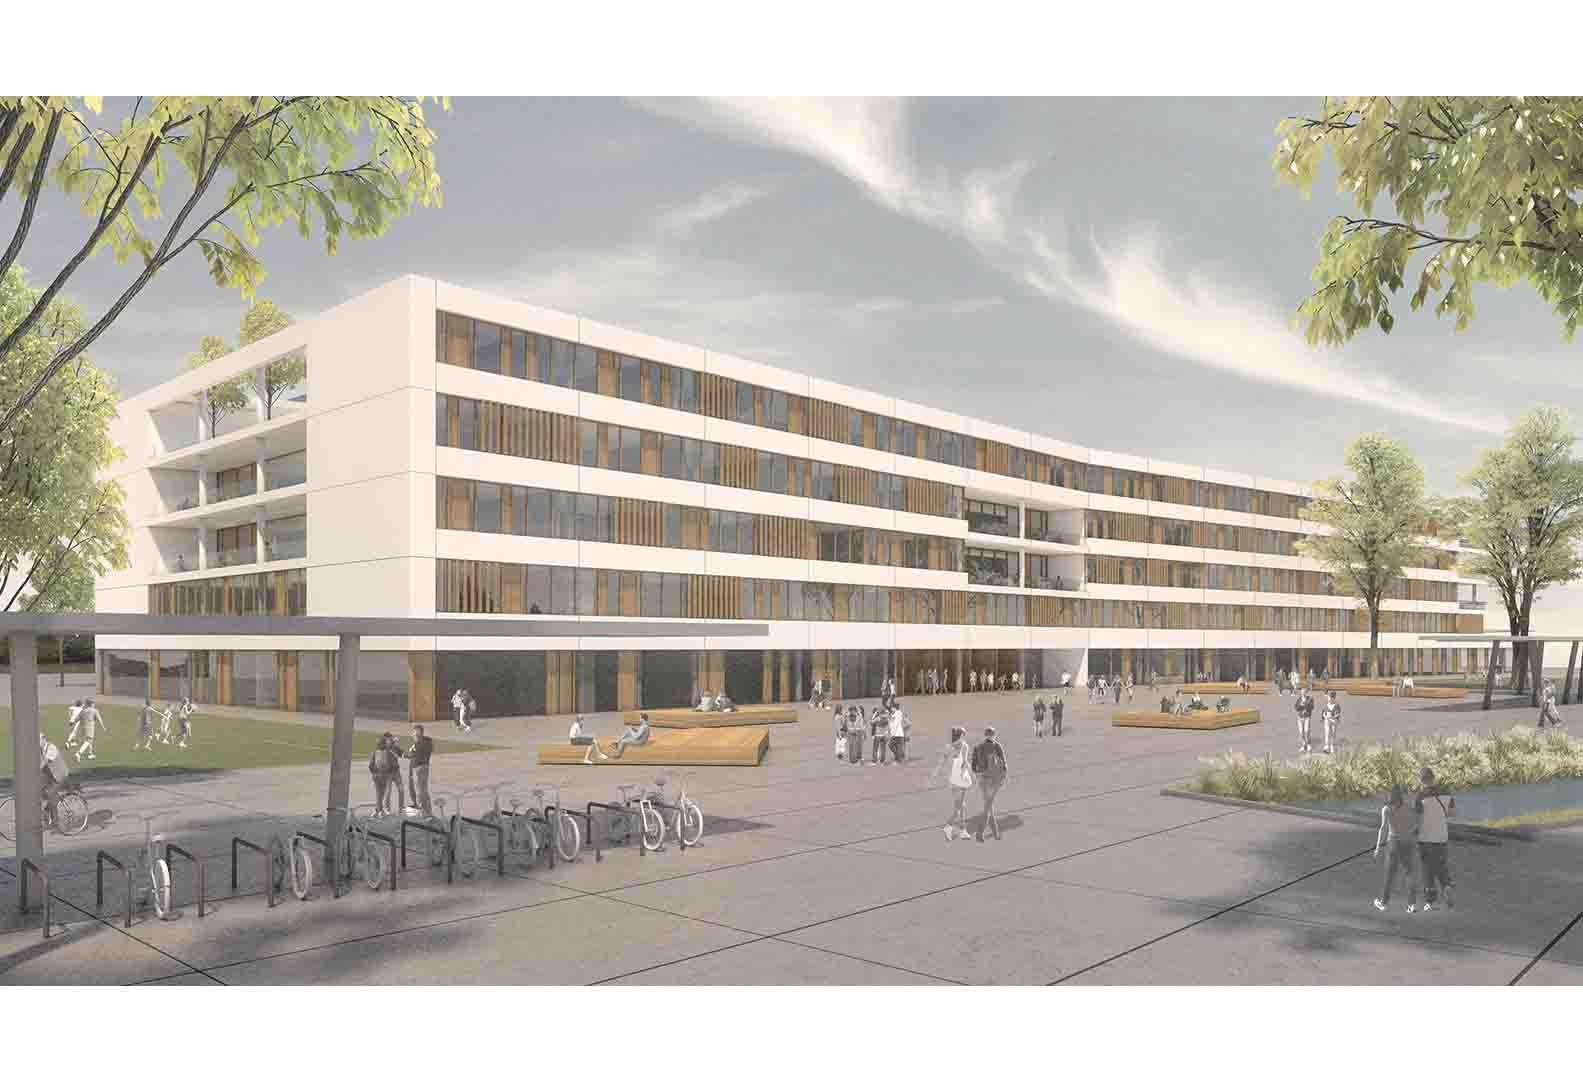 Gymnasium - Nürnberg